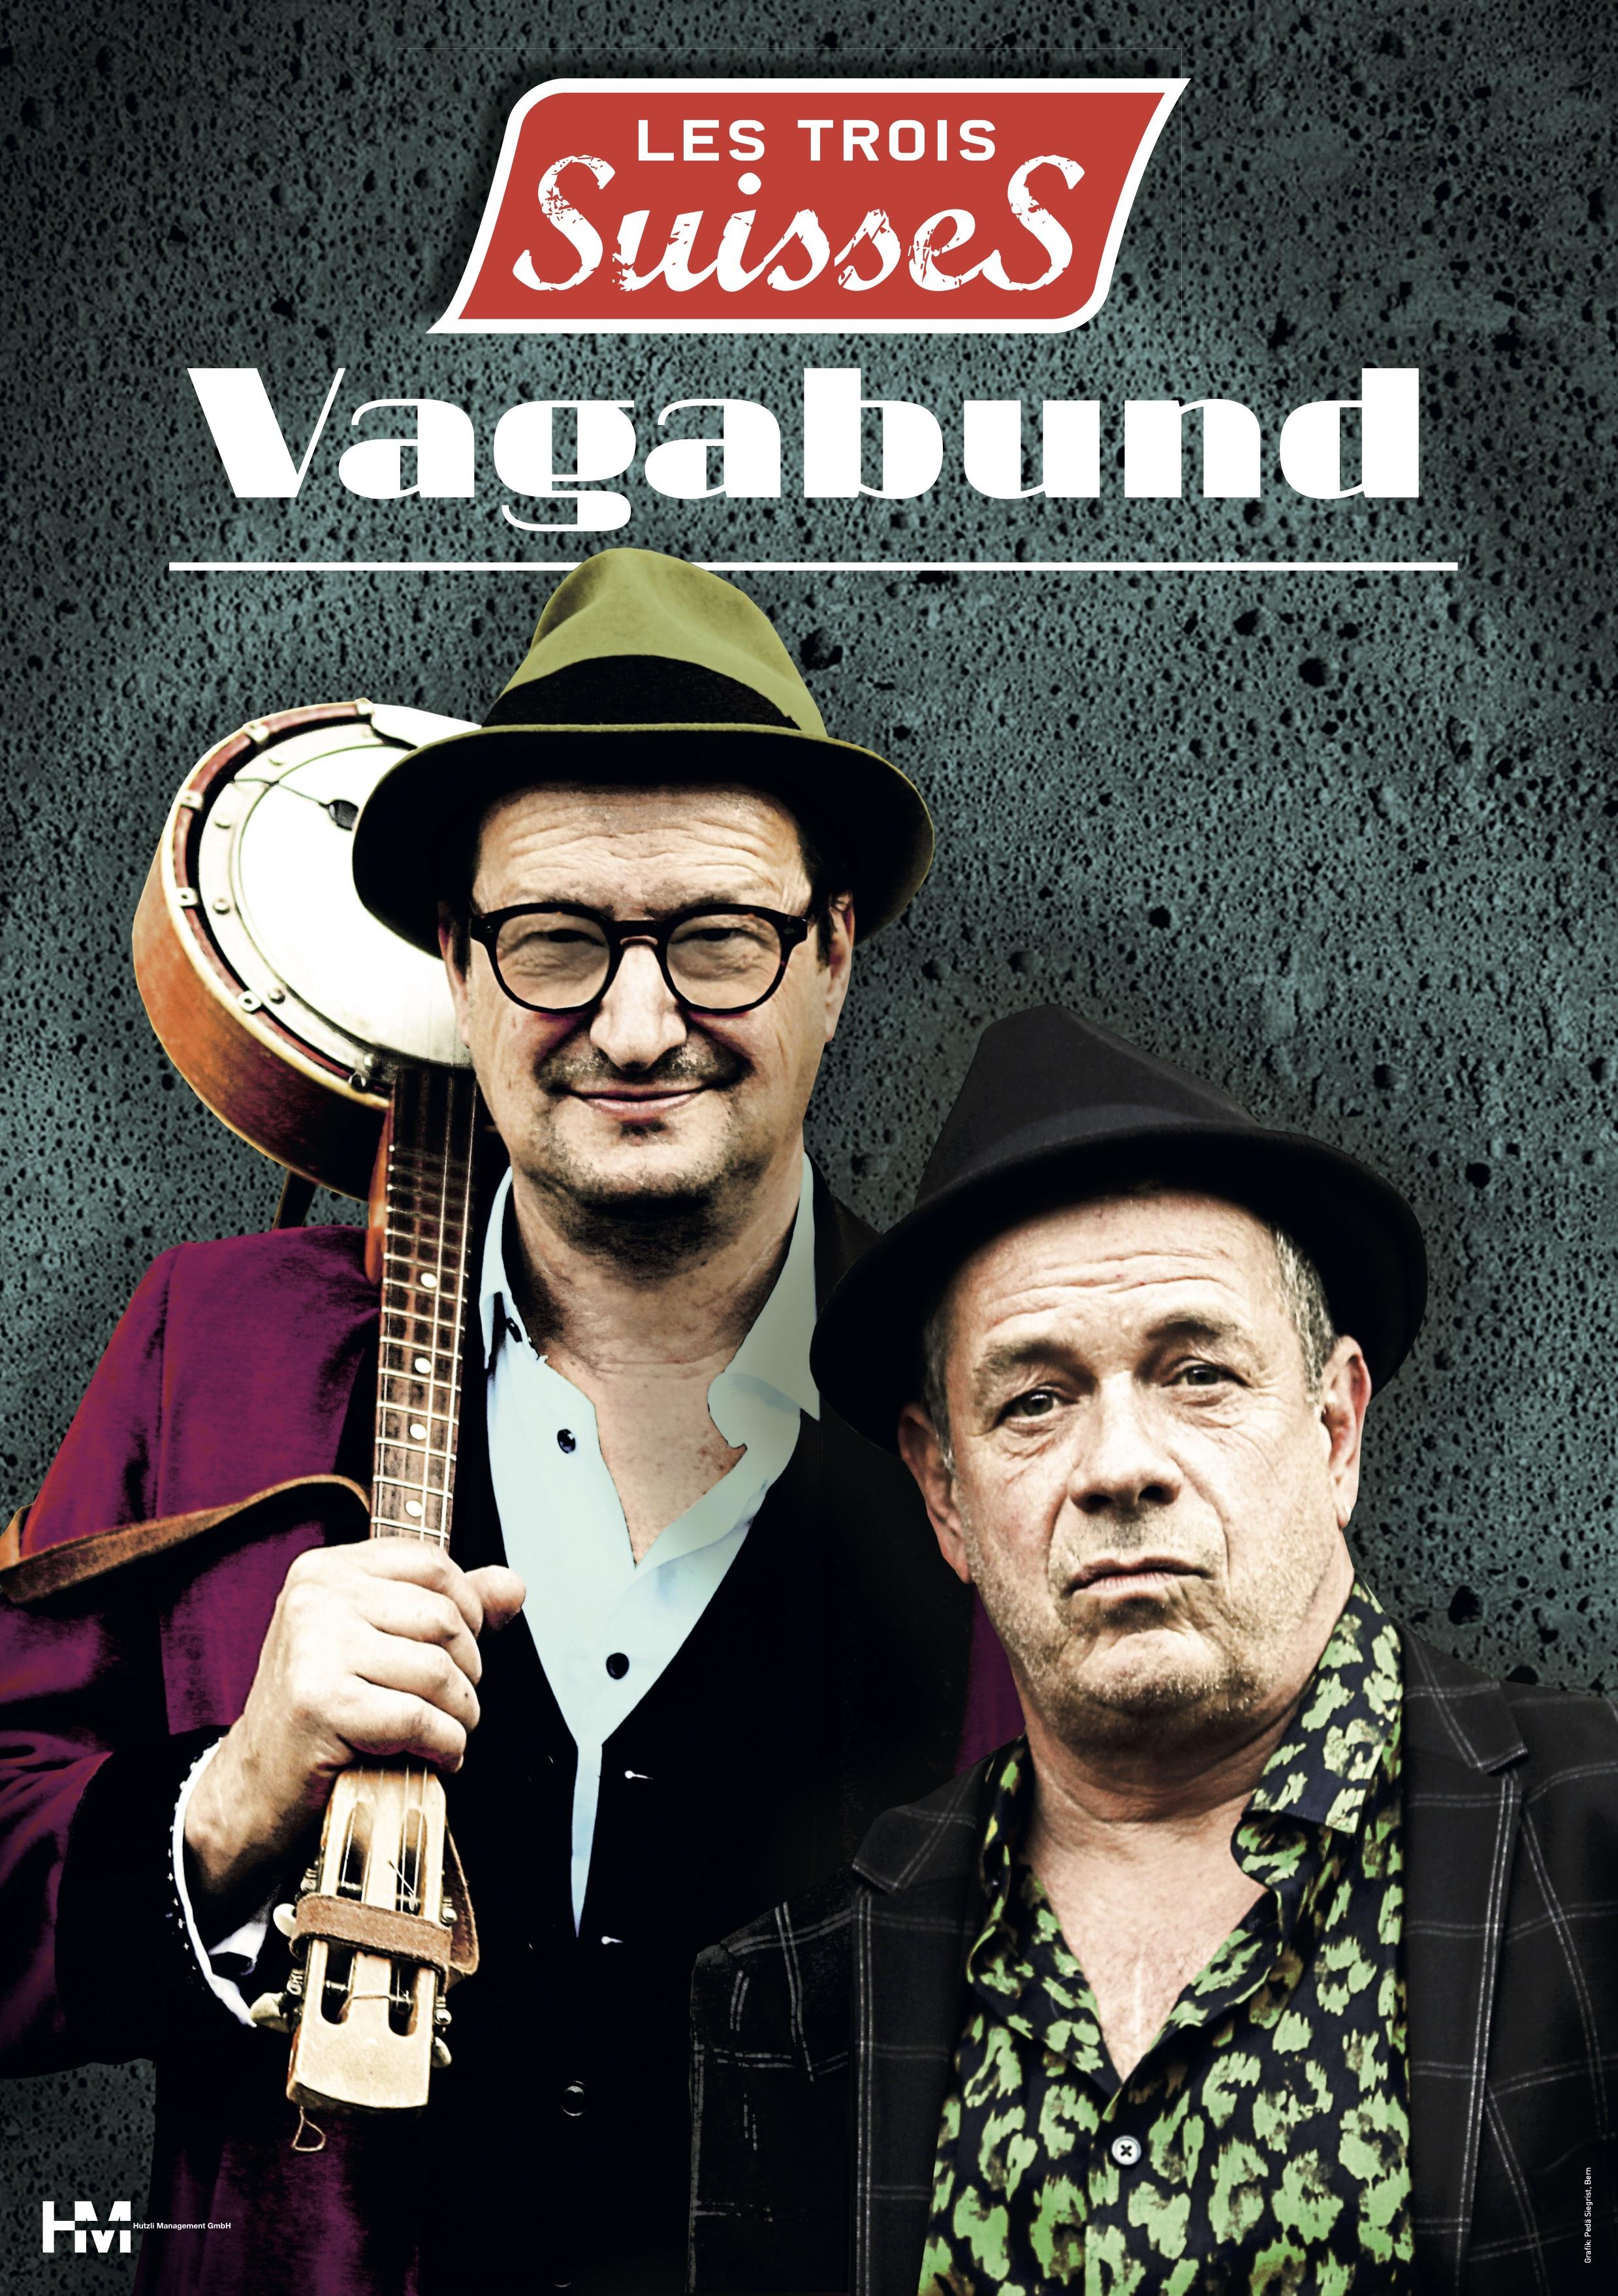 Les trois Suisses - Vagabund Plakat